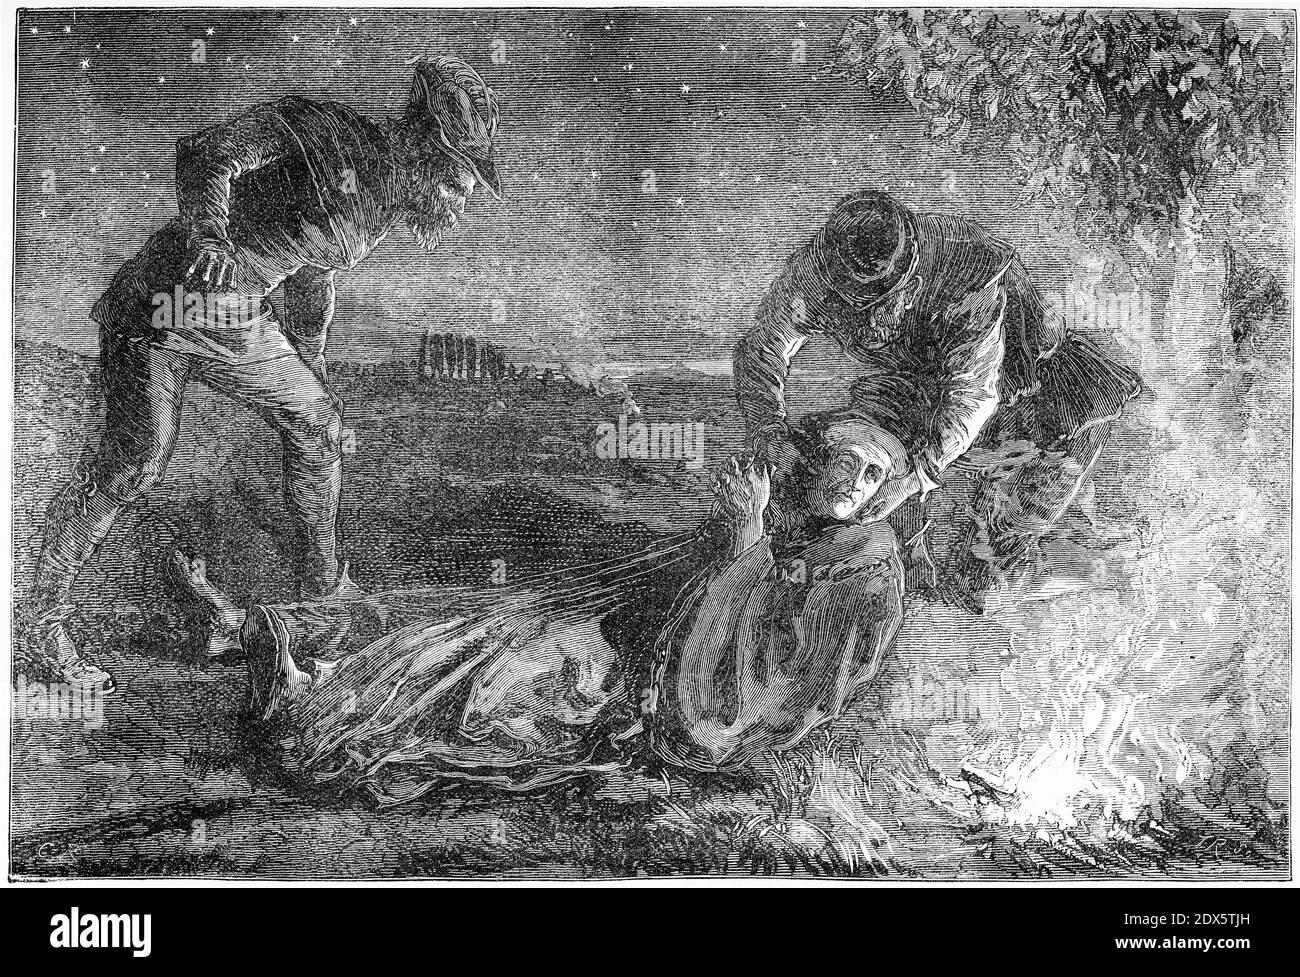 Grabado de Ulrich Zwingli a su muerte en 1531 cerca de Kappel después de una batalla con los cinco Estados. Ilustración de 'la historia del protestantismo' por James Aitken Wylie (1808-1890), pub. 1878 Foto de stock